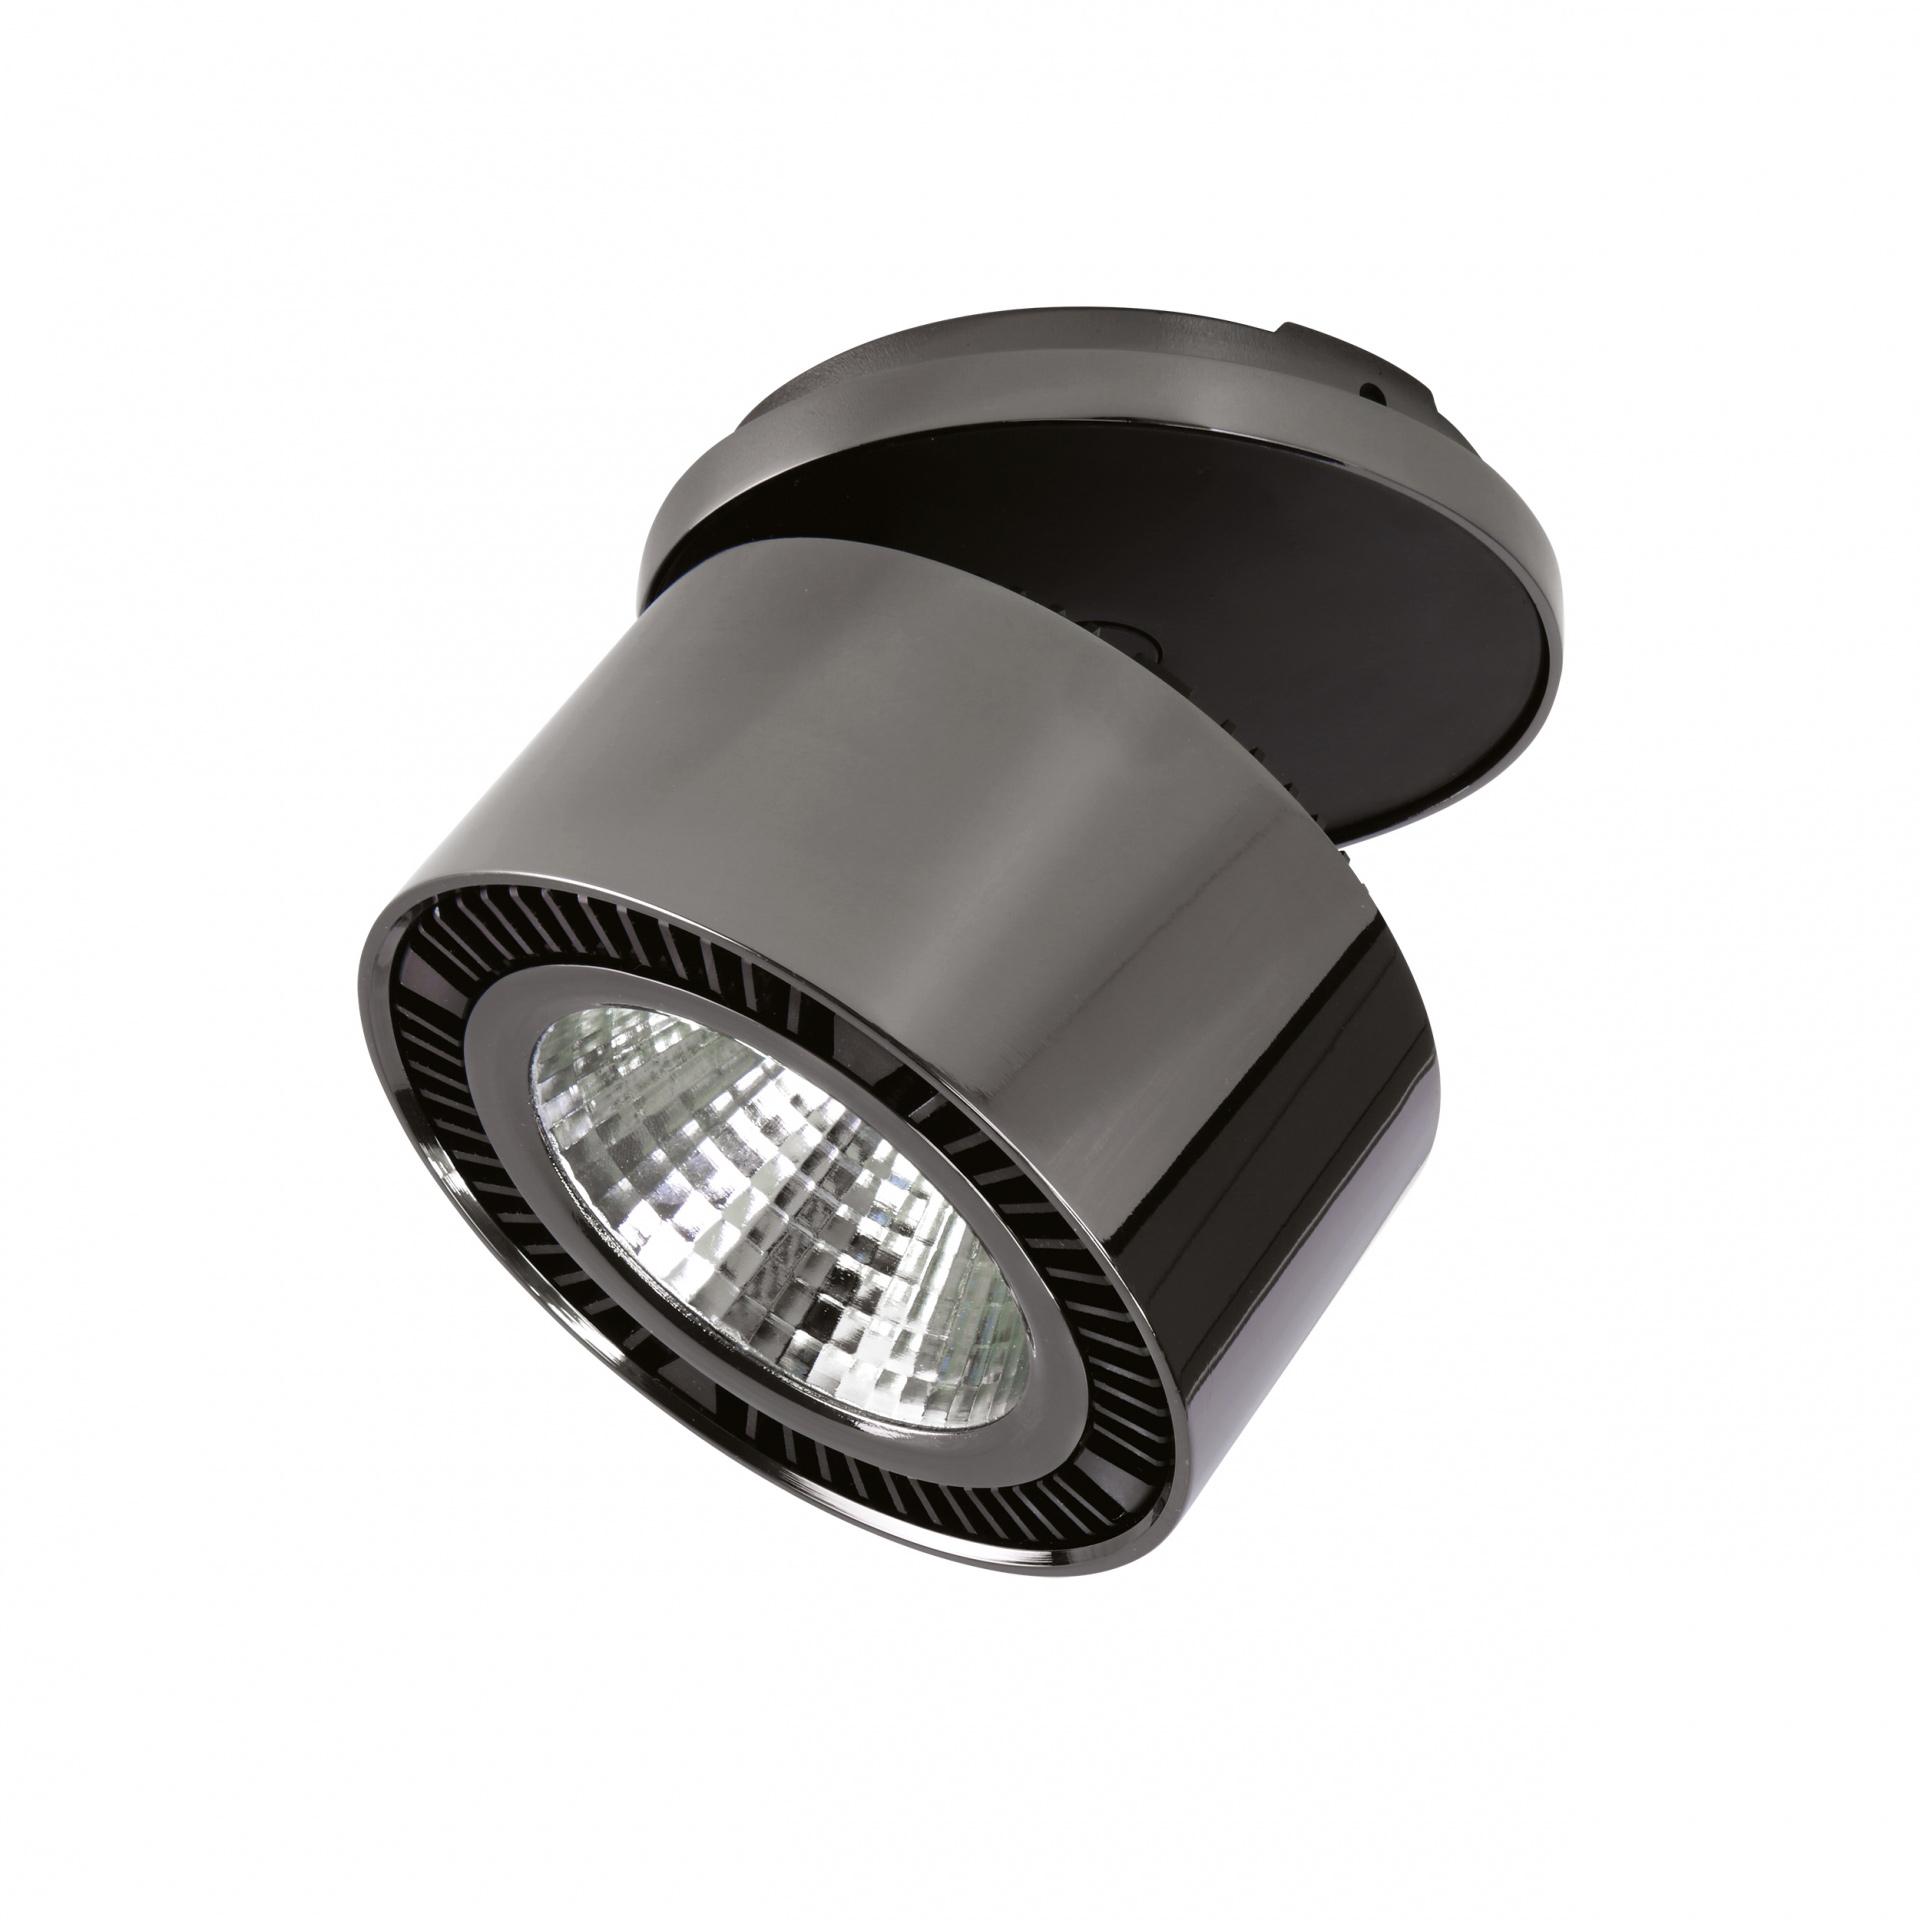 Светильник Forte inca LED 15W 1240LM 30G черный никель 4000K Lightstar 214808, купить в СПб, Москве, с доставкой, Санкт-Петербург, интернет-магазин люстр и светильников Starlight, фото в жизни